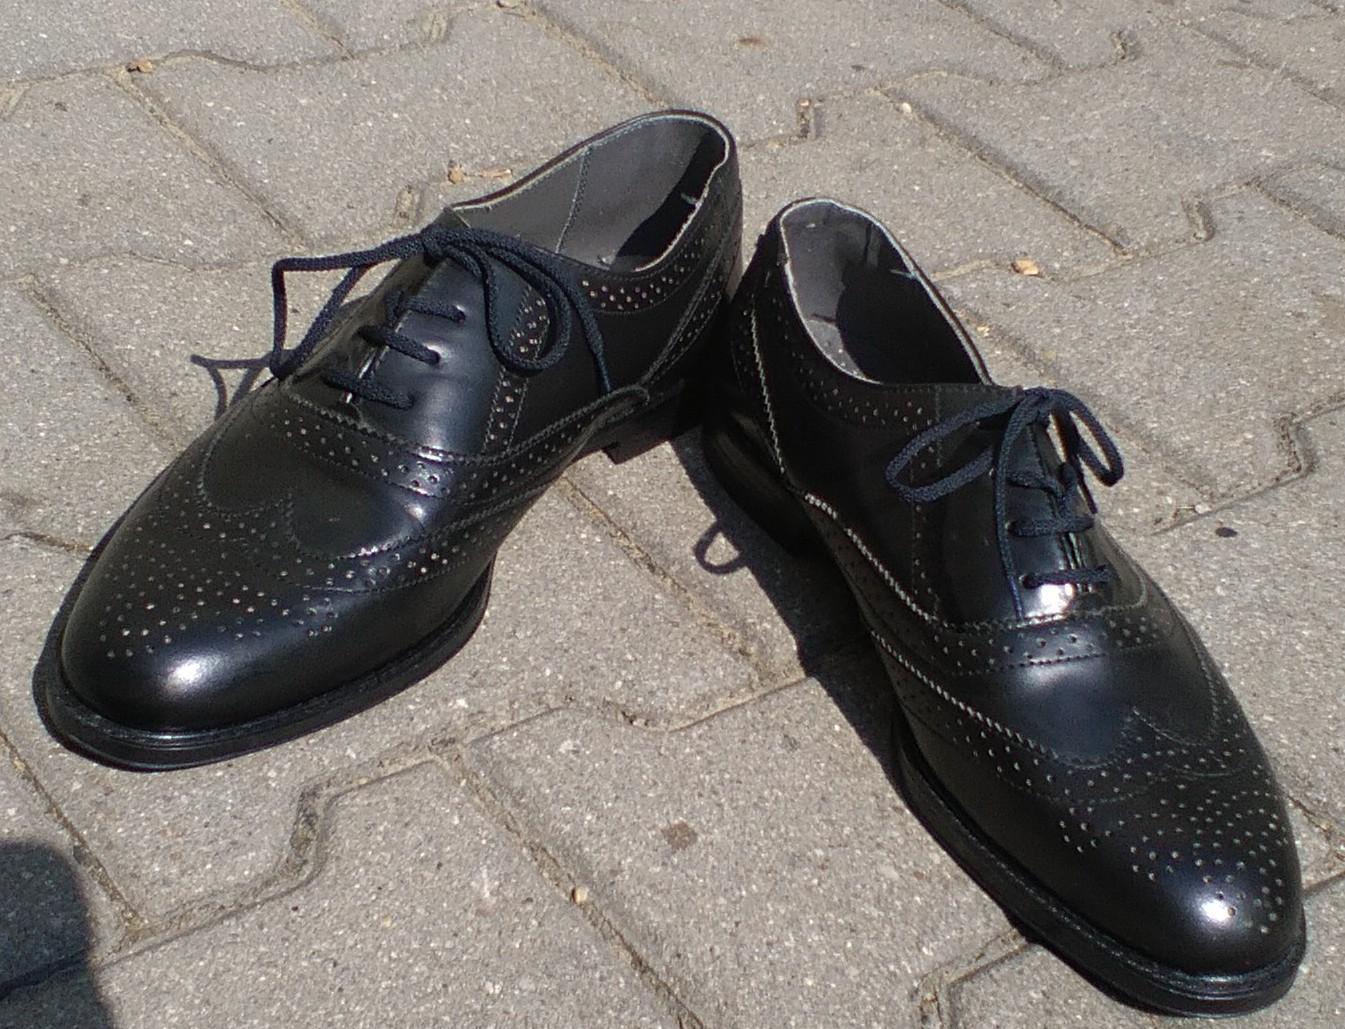 Pánske kožené topánky - Obrázok č. 1